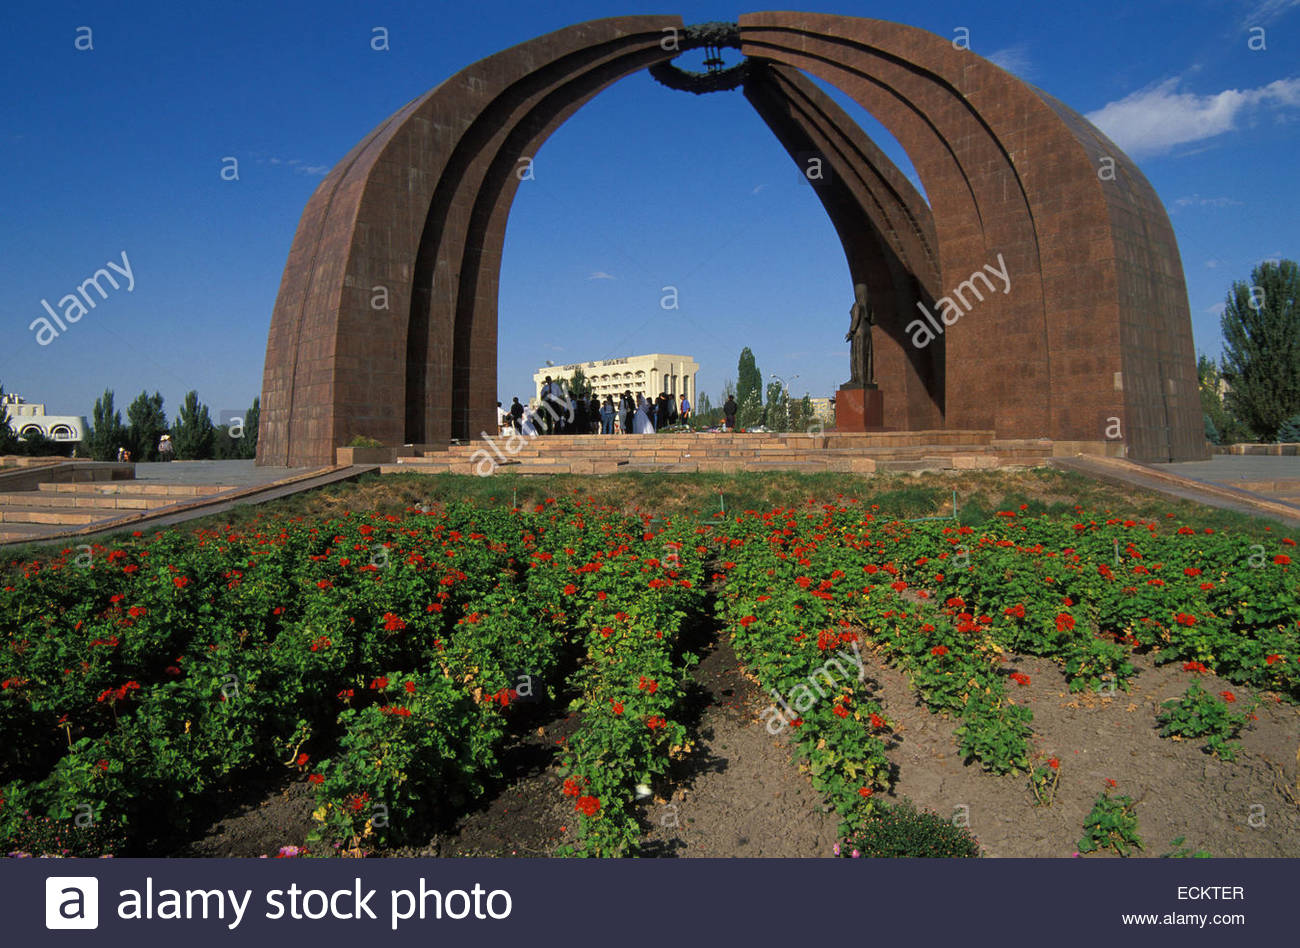 Kyrgyzstan, Friendship arch, soviet architecture in Bishkek. - Stock Image